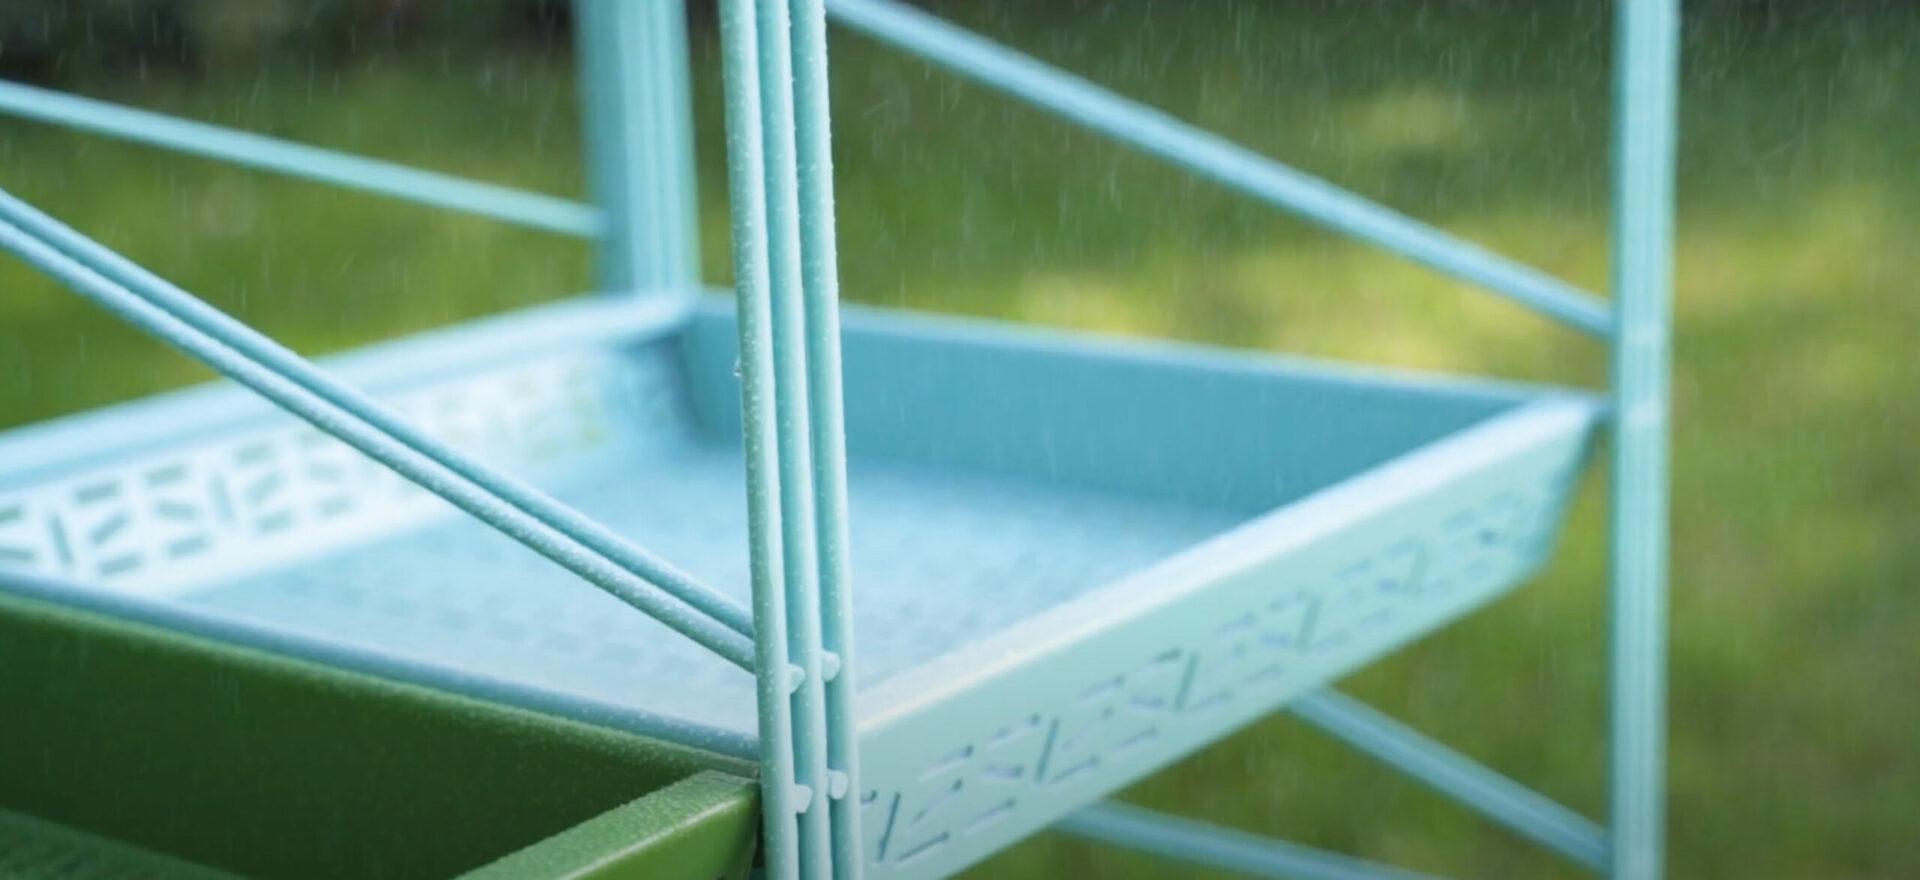 Socrate Outdoor_Outdoor Furniture_Caimi__Mario Trimarchi Design